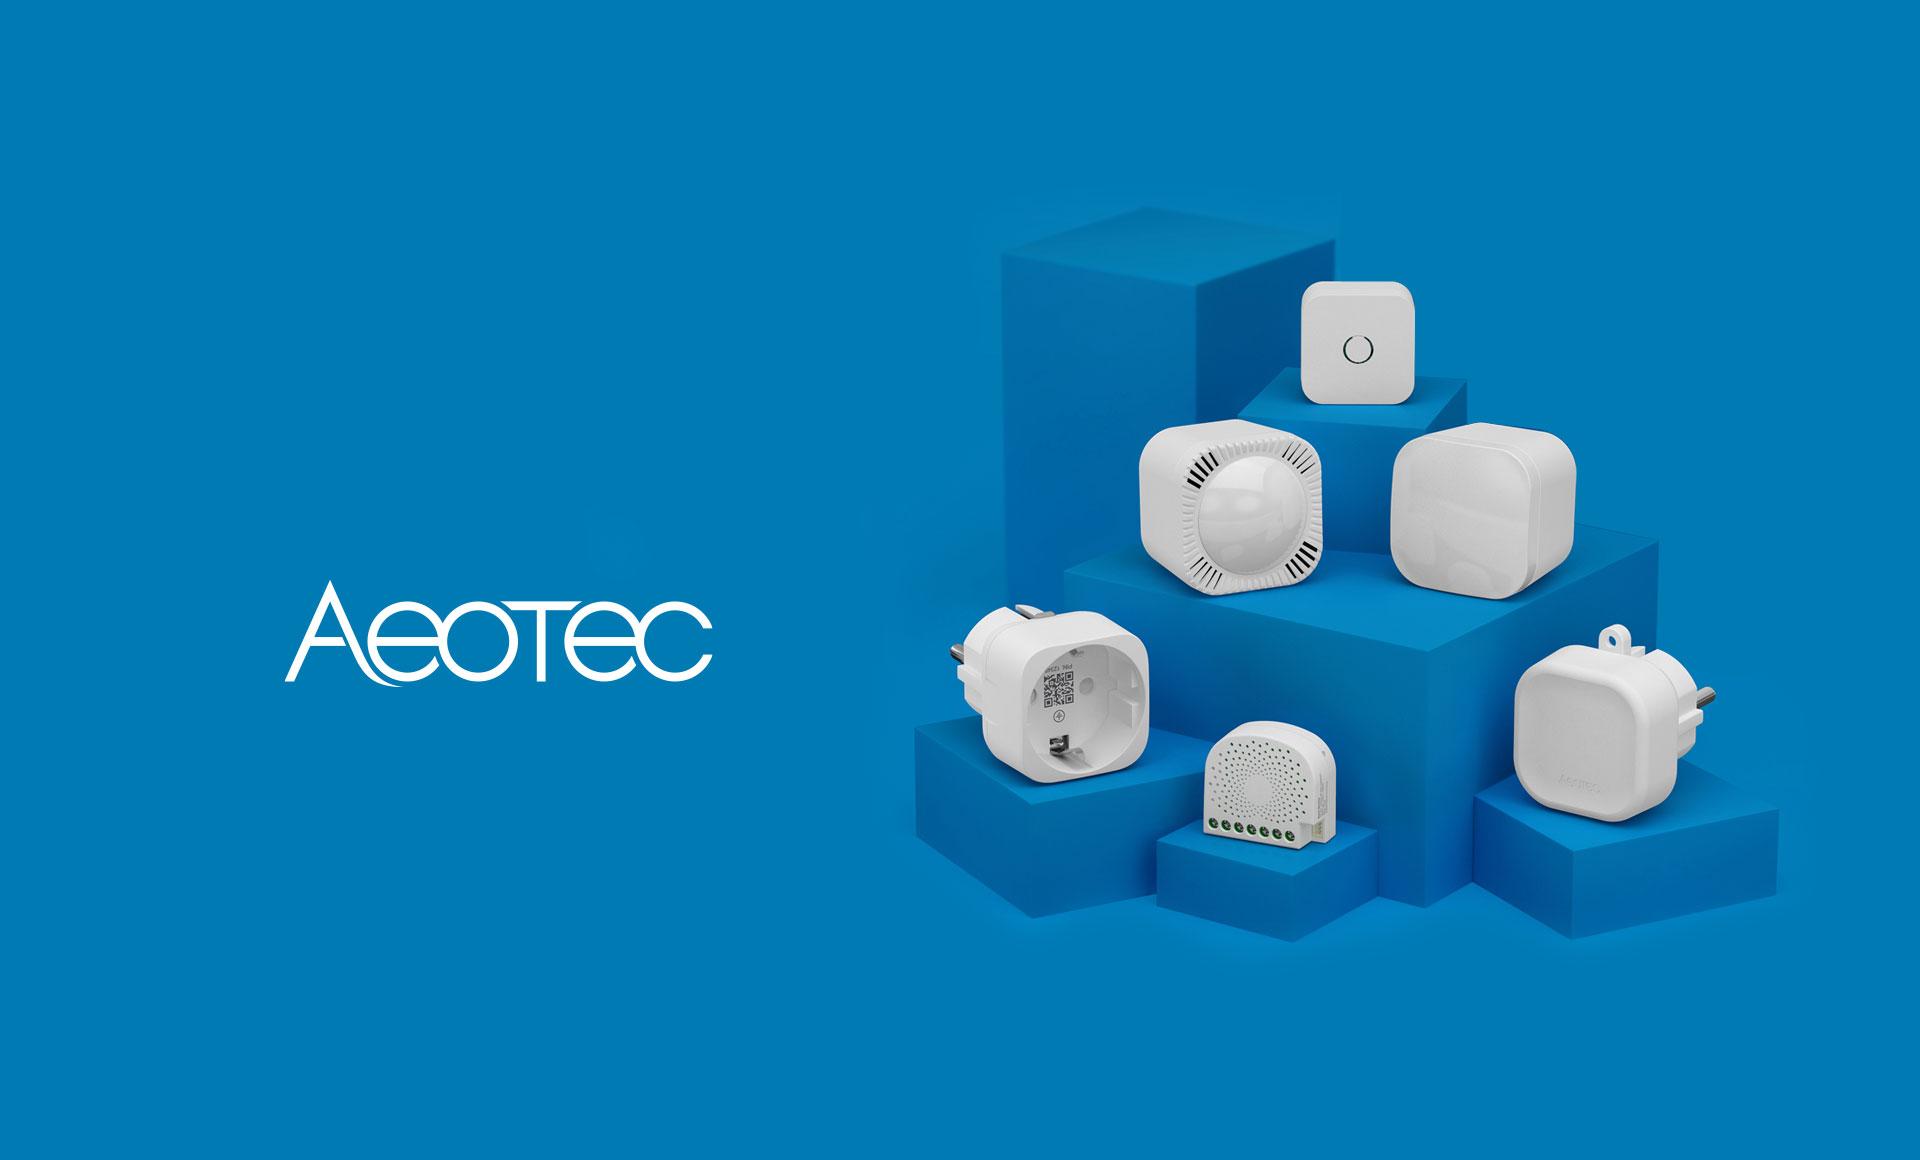 <b>¡Somos distribuidores oficiales de Aeotec!</b>